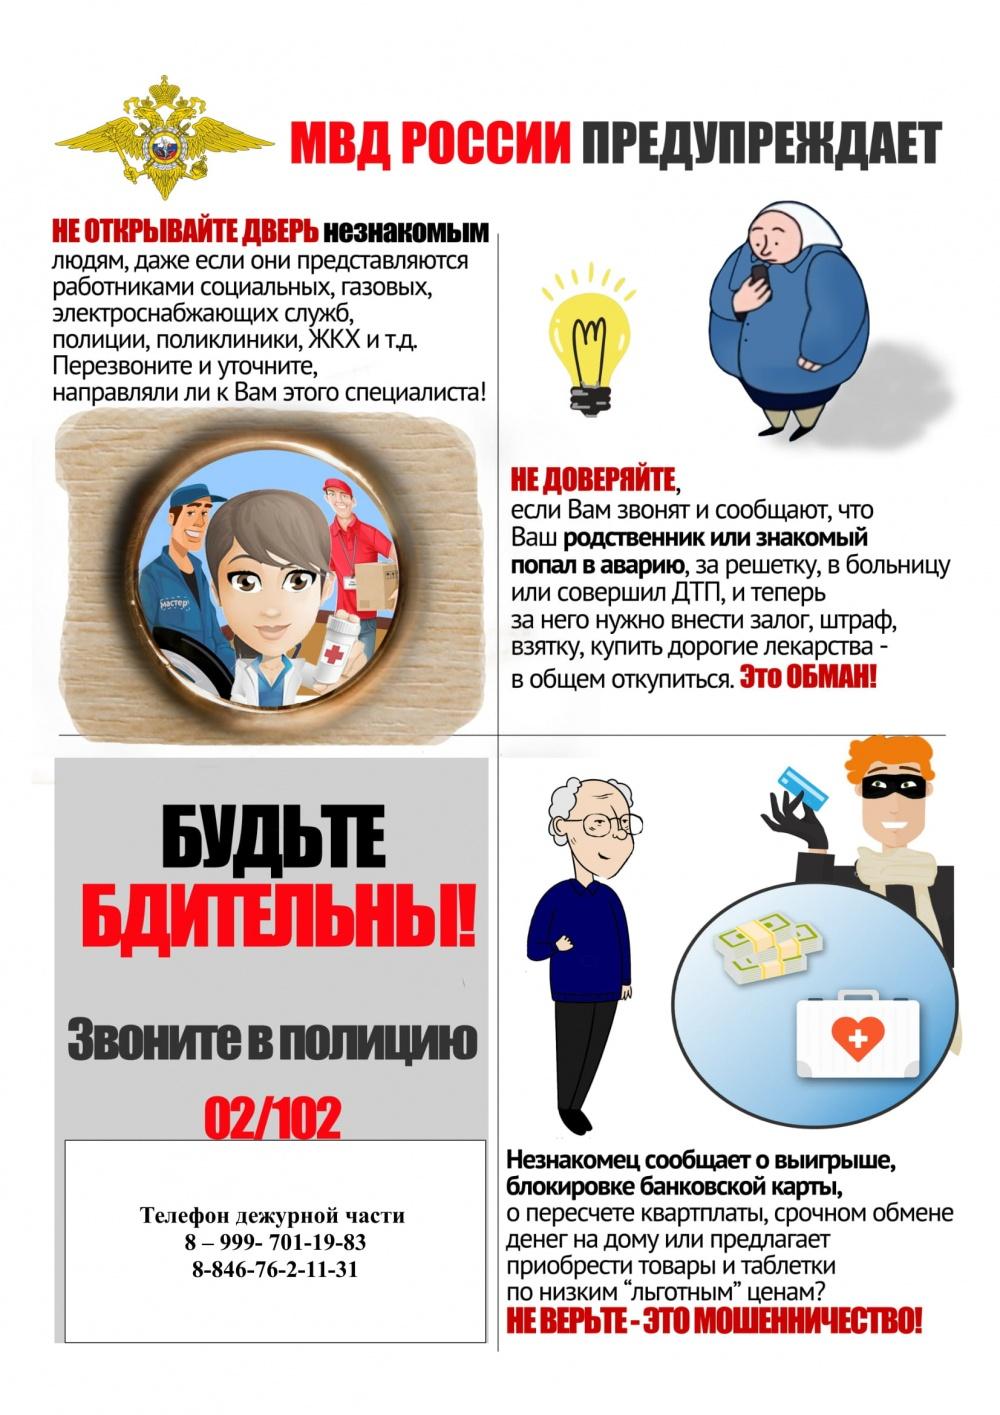 МВД России предупреждает!!!!